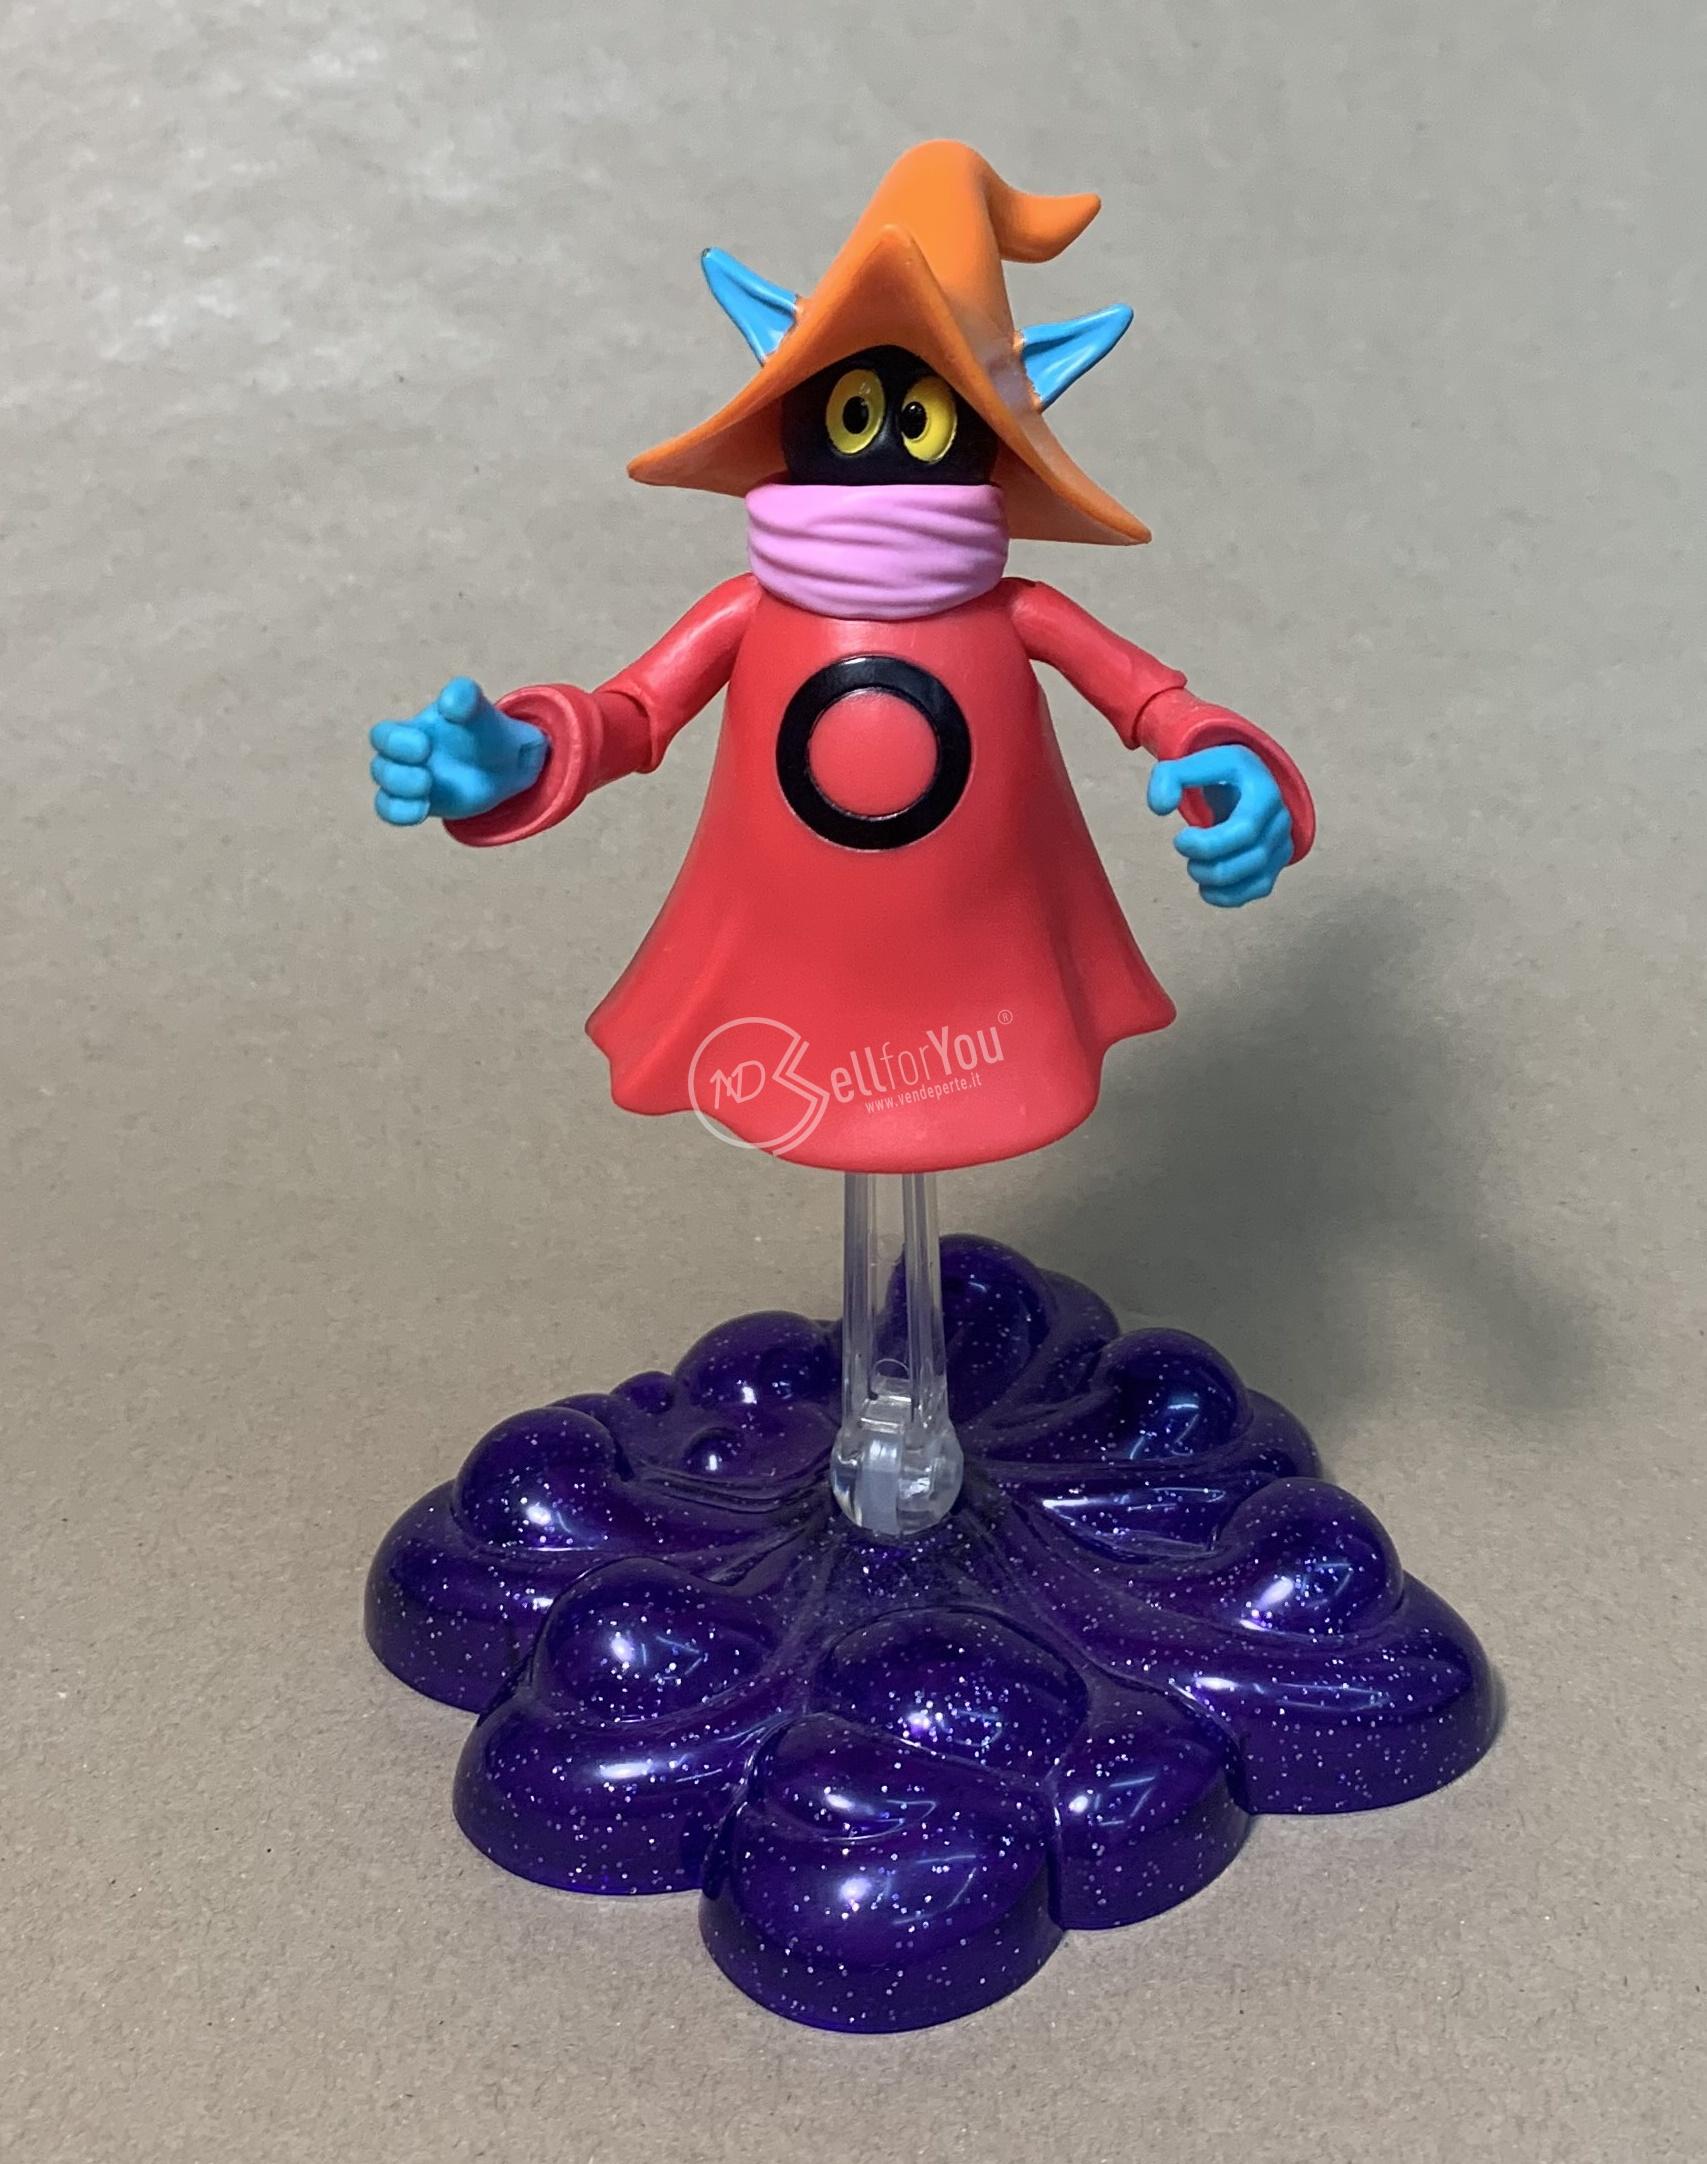 sellforyou immagine default articolo correlato non trovatoMasters of the Universe Origins Orko Mattel 2020